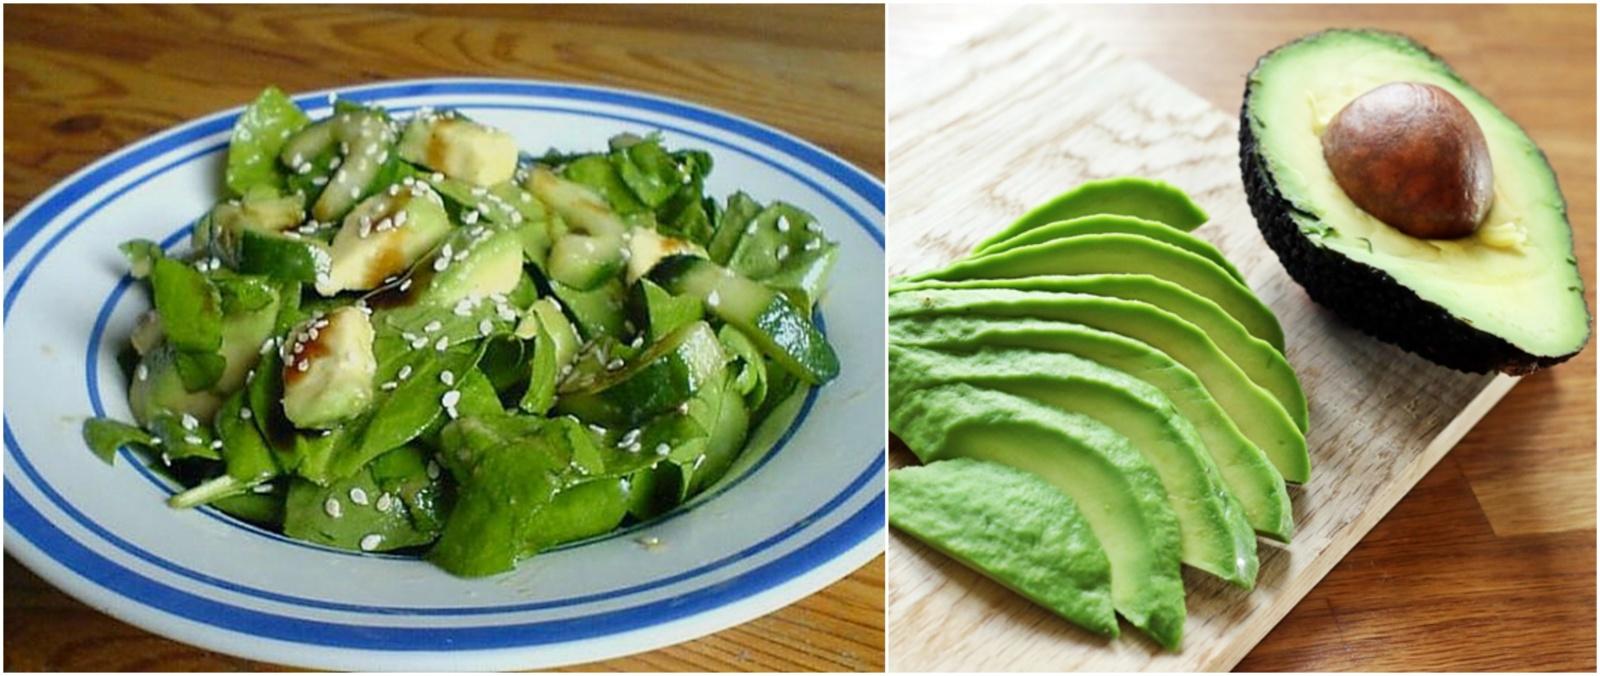 Žaliosios vasaros salotos lieknėjantiems